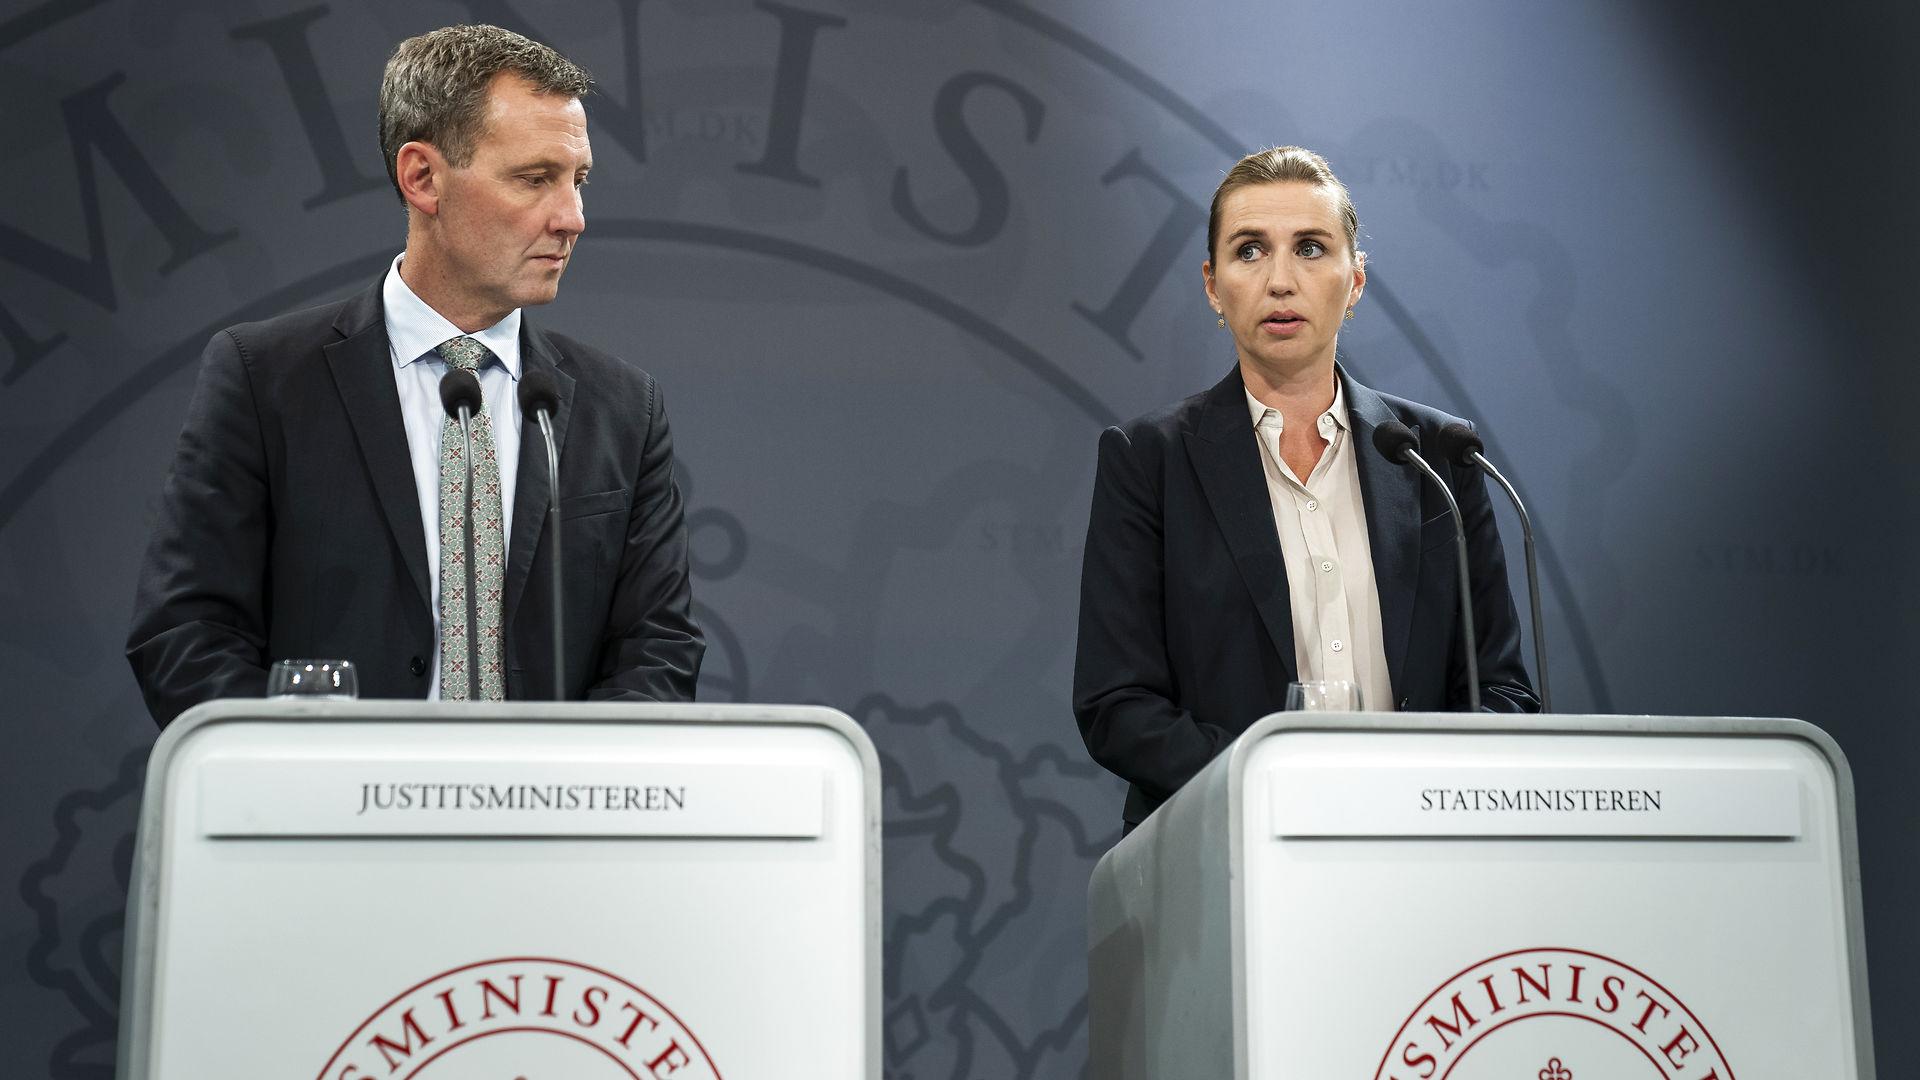 Jacob Pedersen: Fup eller fakta? Når ministerielle rapporter bliver til politisk kommunikation (LONG-READ)